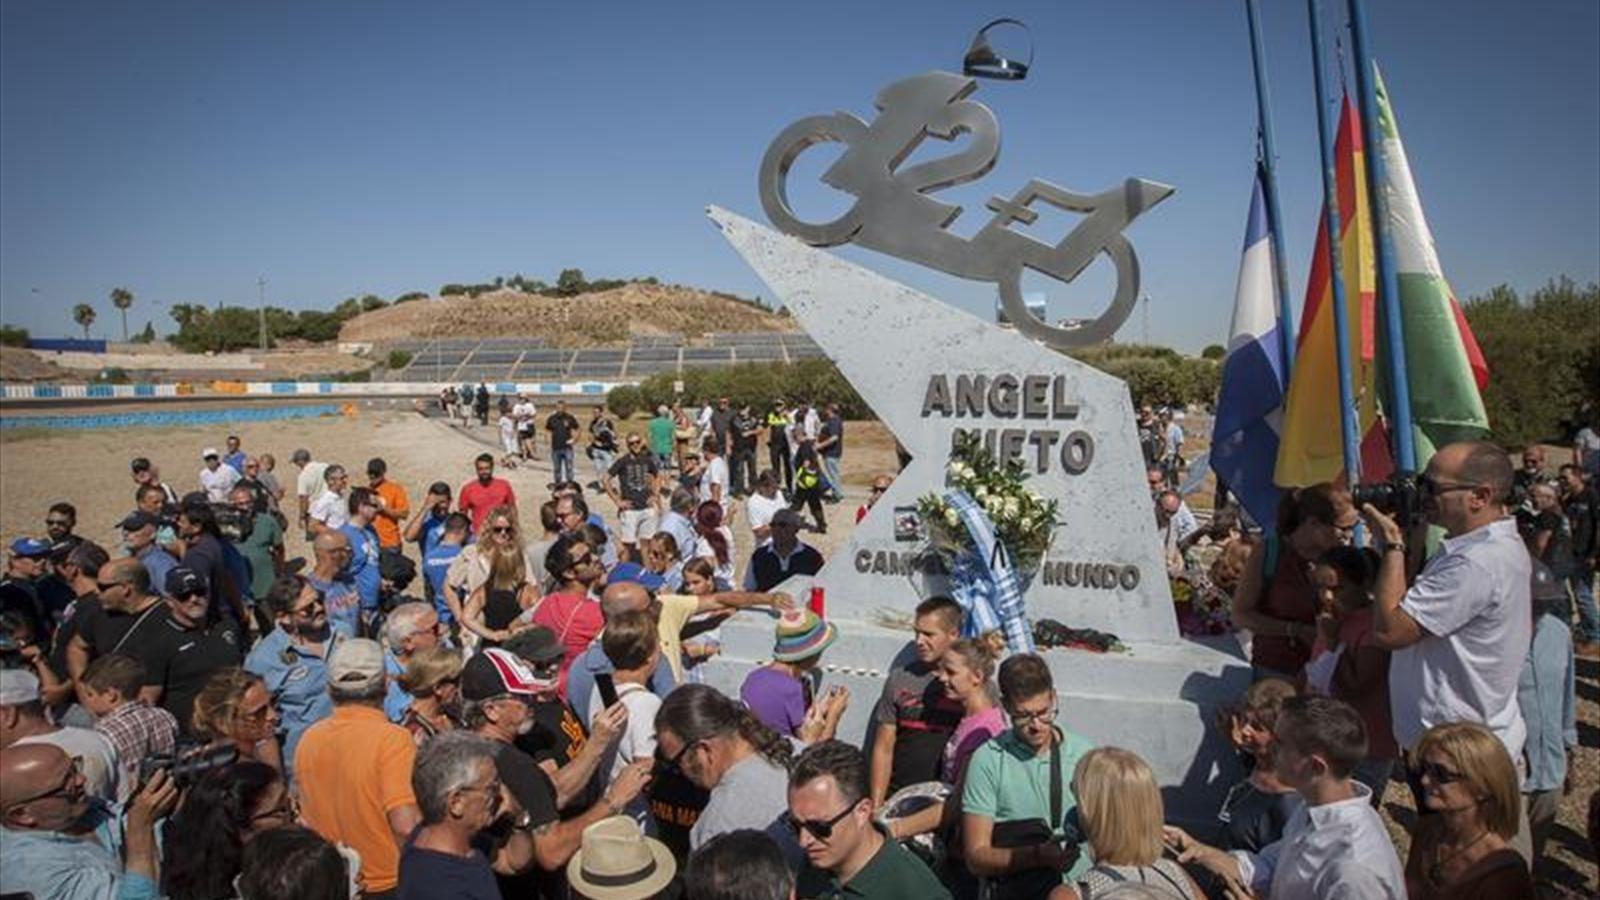 Circuito Jerez : ImÁgenes de la nueva escultura del circuito de jerez en recuerdo